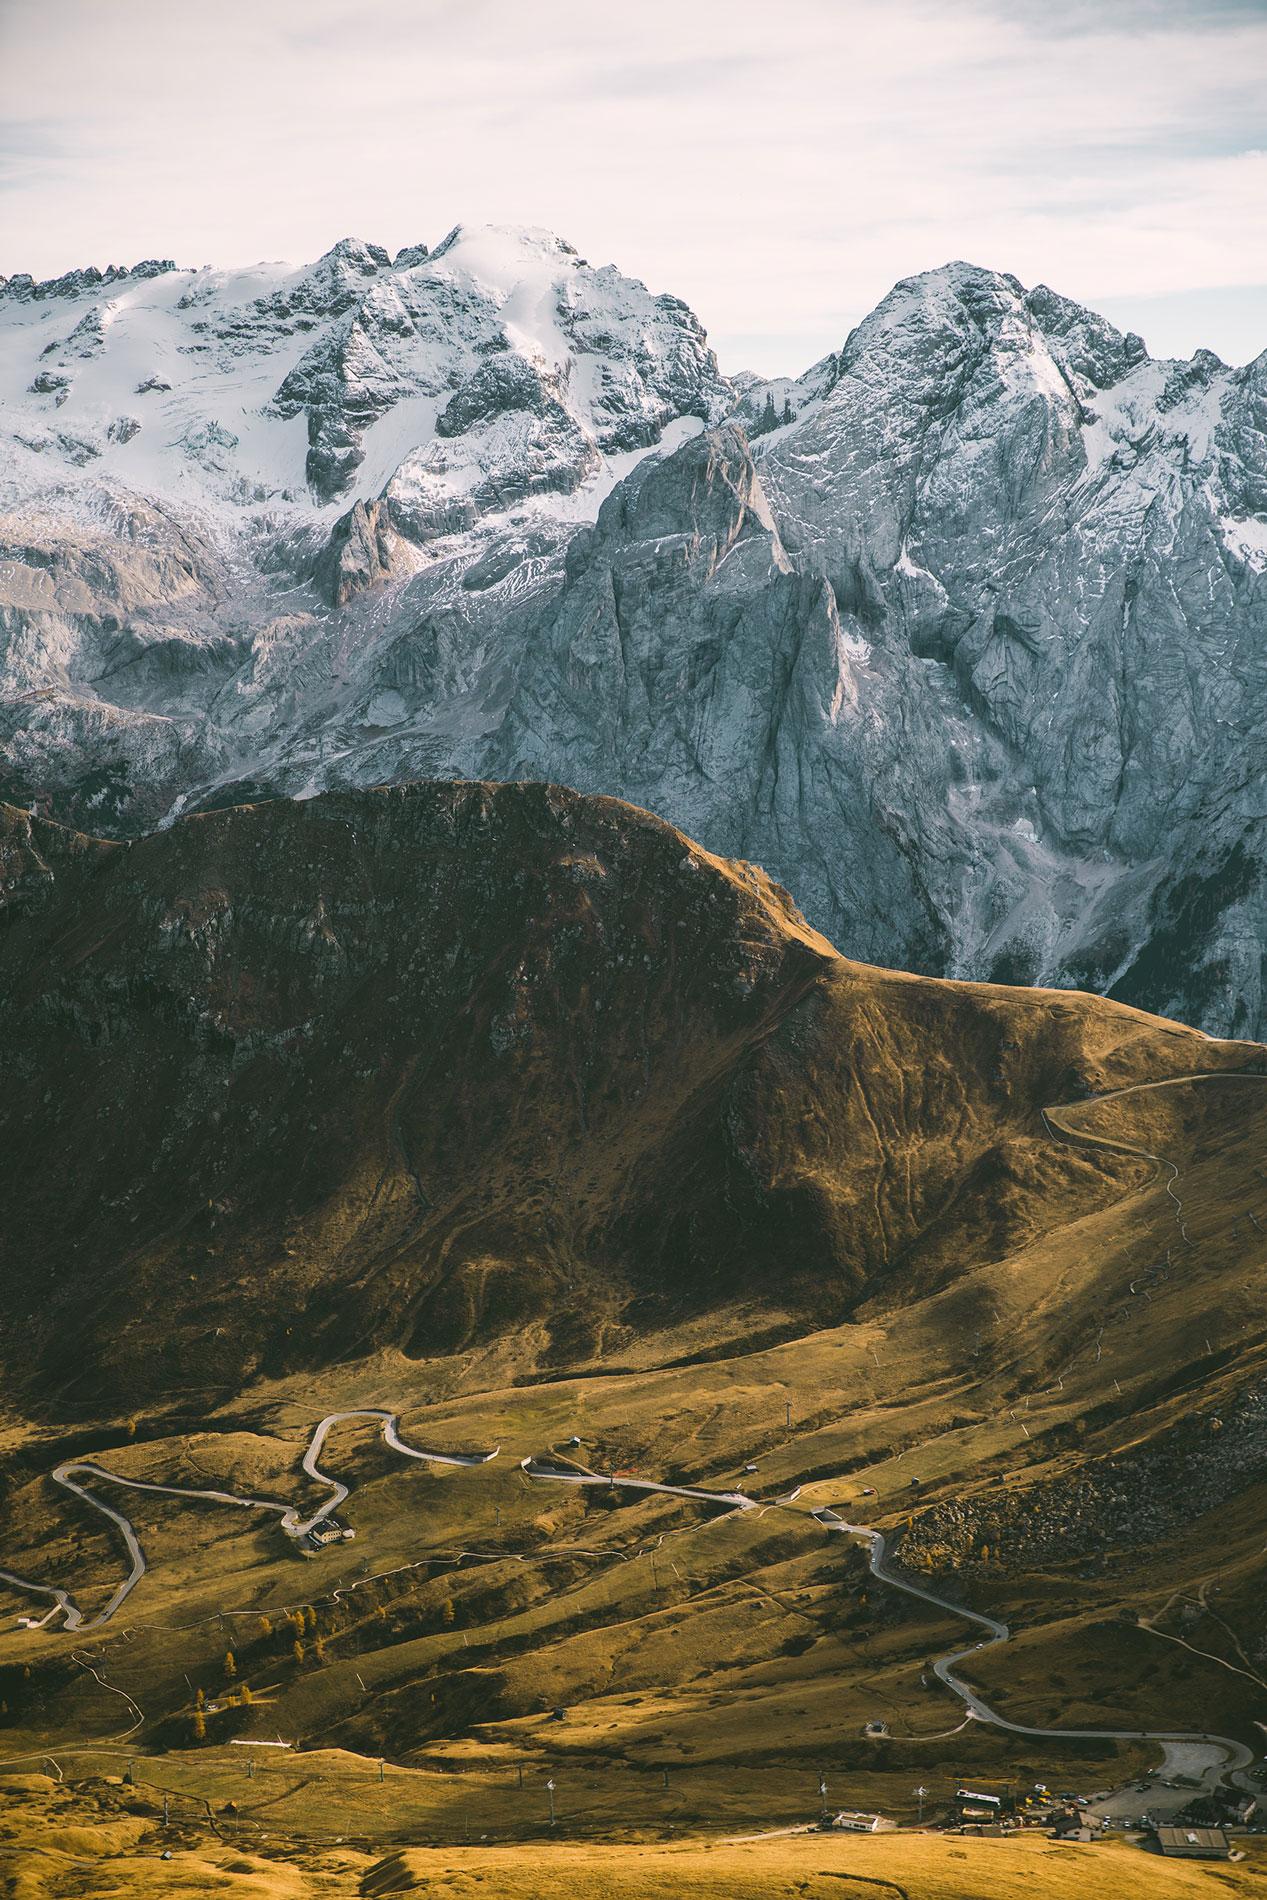 view-from-sass-pordoi-sass-pardoi-italy-dolomites-mountains-2017-october-snow-glacier.jpg